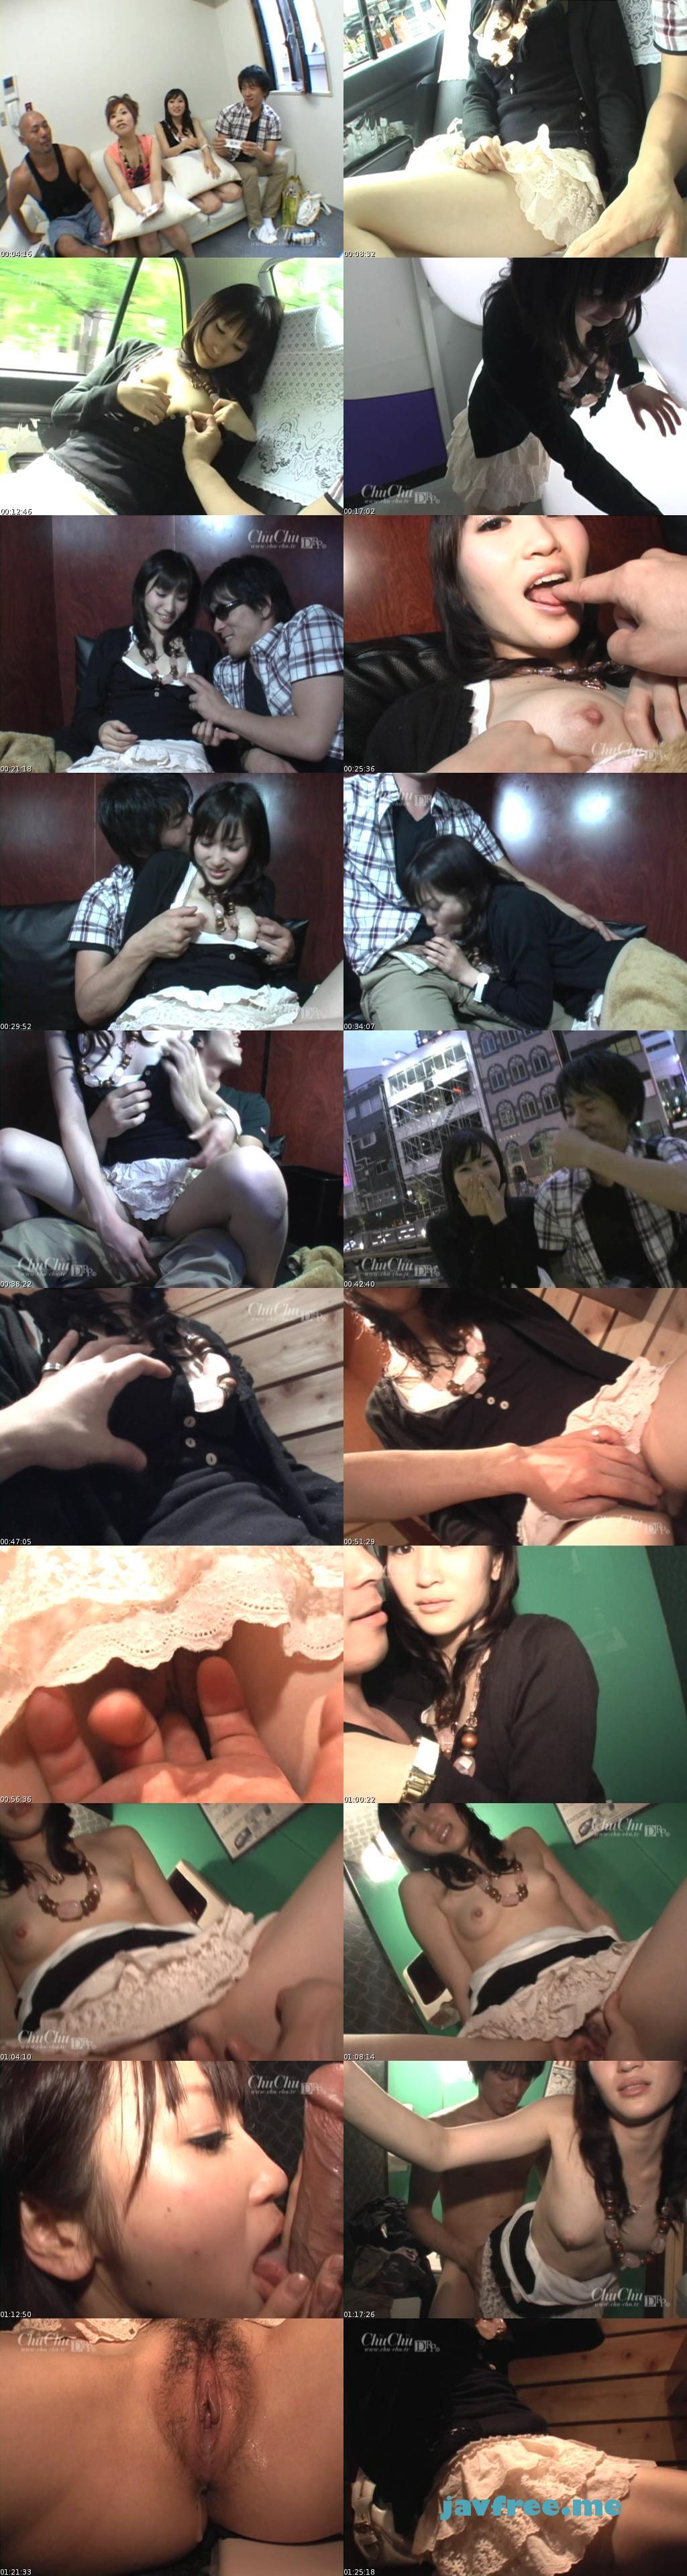 Chu chu 041213 141 ギリギリdeハメ撮り ~白さんカップル~ Chu chu